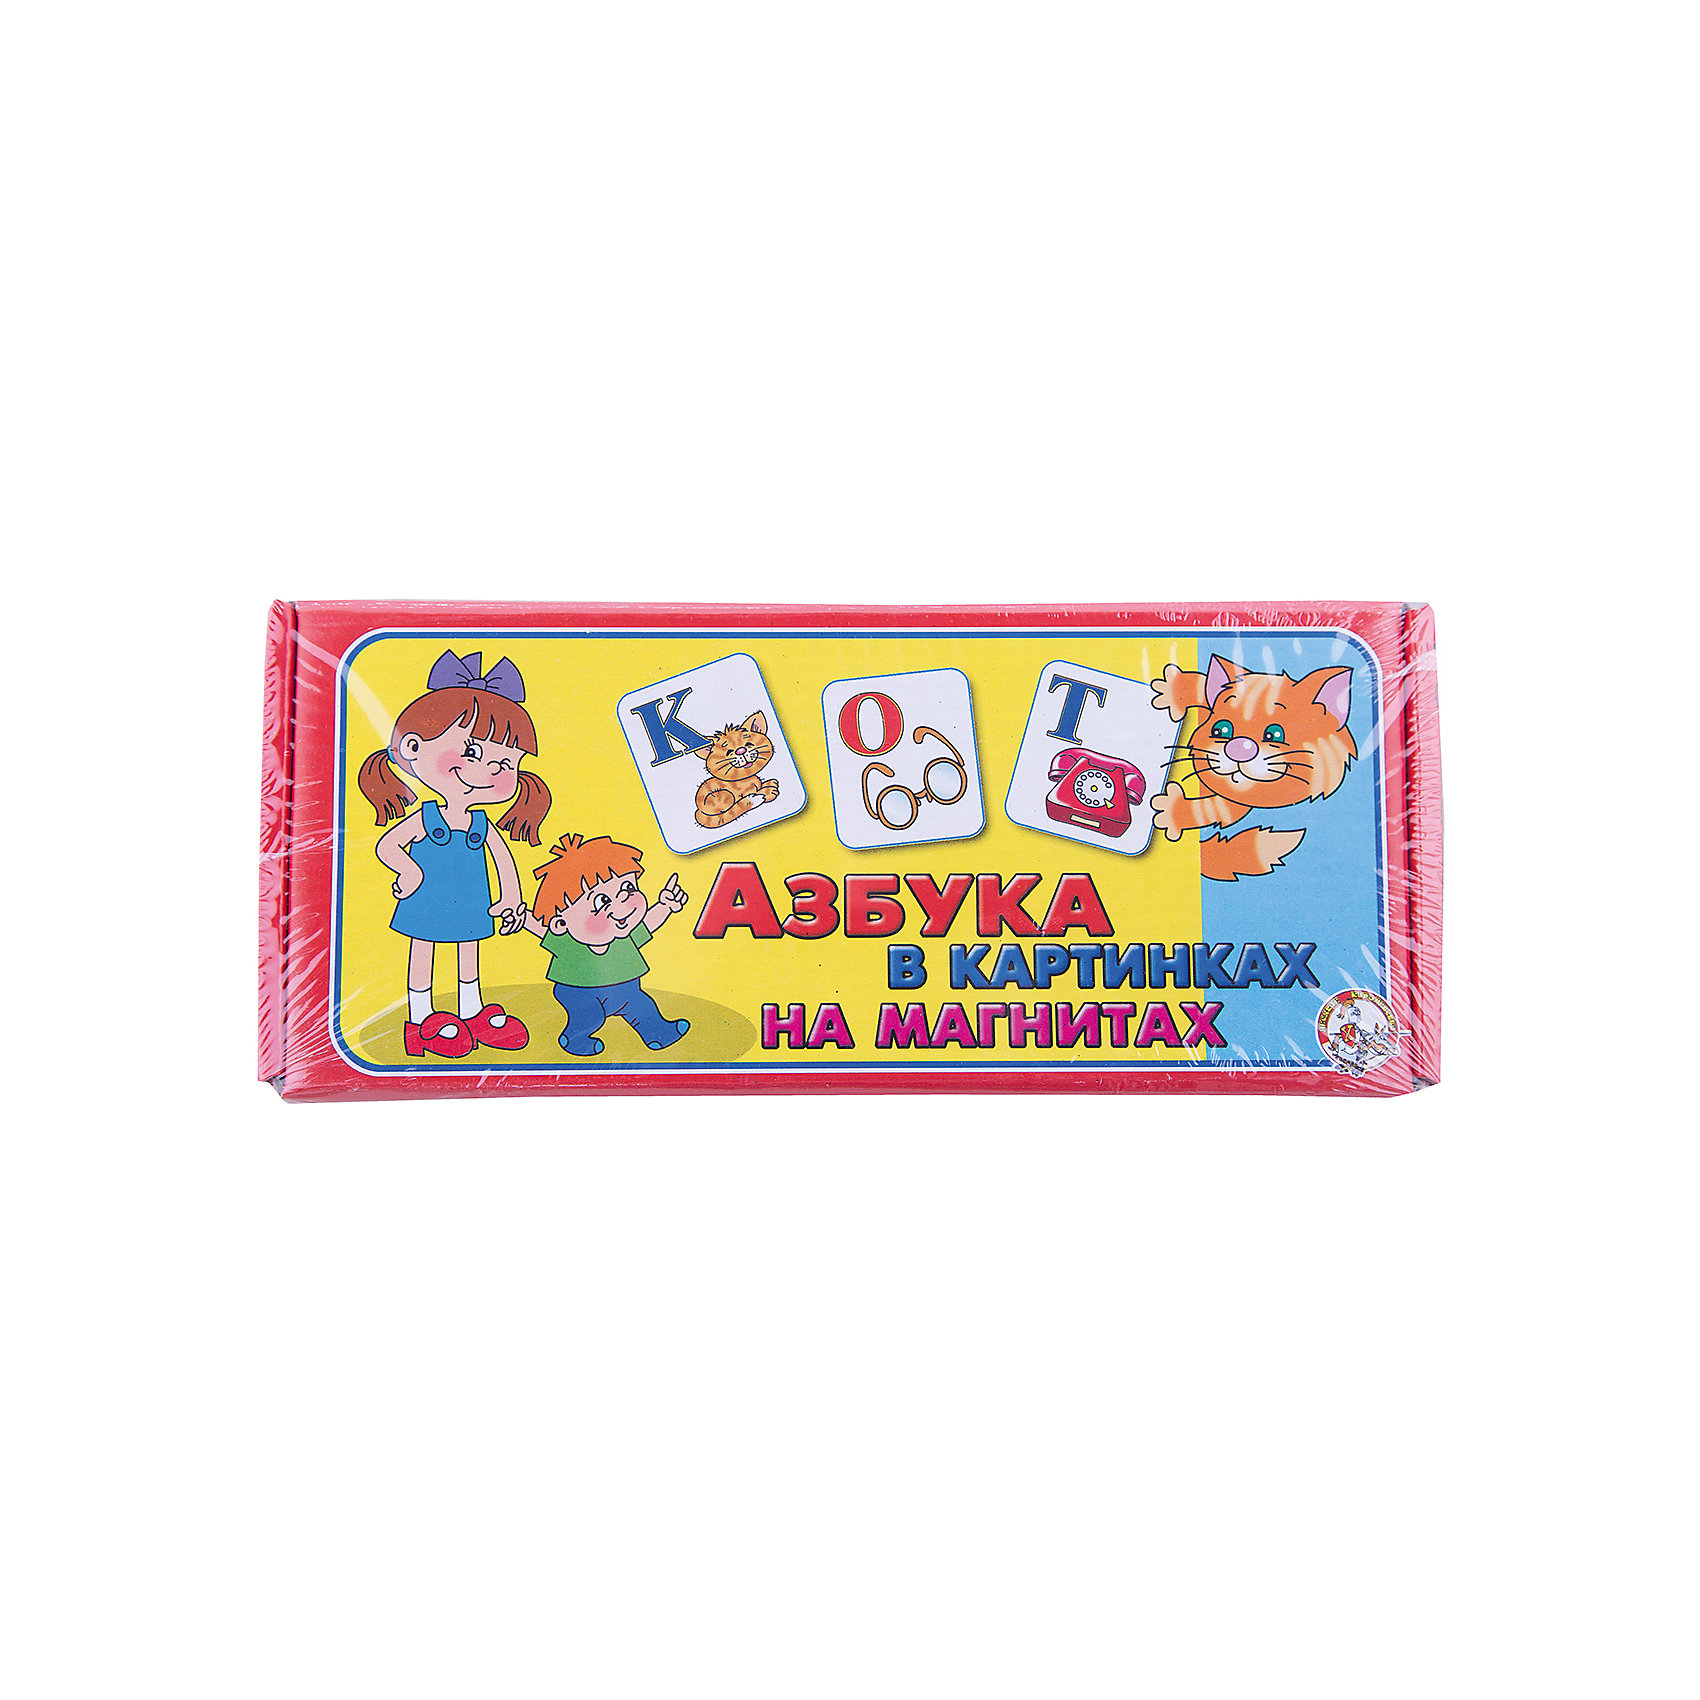 Магнитные карточки Азбука в картинках, Десятое королевствоРазвивающие игры<br>Магнитные карточки Азбука в картинках, Десятое королевство<br><br>Характеристики: <br><br>• Возраст: от 3 лет<br>• Материал: картон, полимер<br>• В комплекте: 72 карточки, гибкая полимерная магнитная лента<br><br>Эта игра будет особенно полезна для детей от трех лет. С ее помощью ребенок будет учиться узнавать очертания букв и начнет складывать буквы в слова и предложения. Перед началом игры нужно разрезать и наклеить на карточки полимерную магнитную ленту. Этот набор полностью безопасен для детей и подходит для обучения деток азам азбуки.<br><br>Магнитные карточки Азбука в картинках, Десятое королевство можно купить в нашем интернет-магазине.<br><br>Ширина мм: 230<br>Глубина мм: 100<br>Высота мм: 35<br>Вес г: 134<br>Возраст от месяцев: 60<br>Возраст до месяцев: 2147483647<br>Пол: Унисекс<br>Возраст: Детский<br>SKU: 5473730